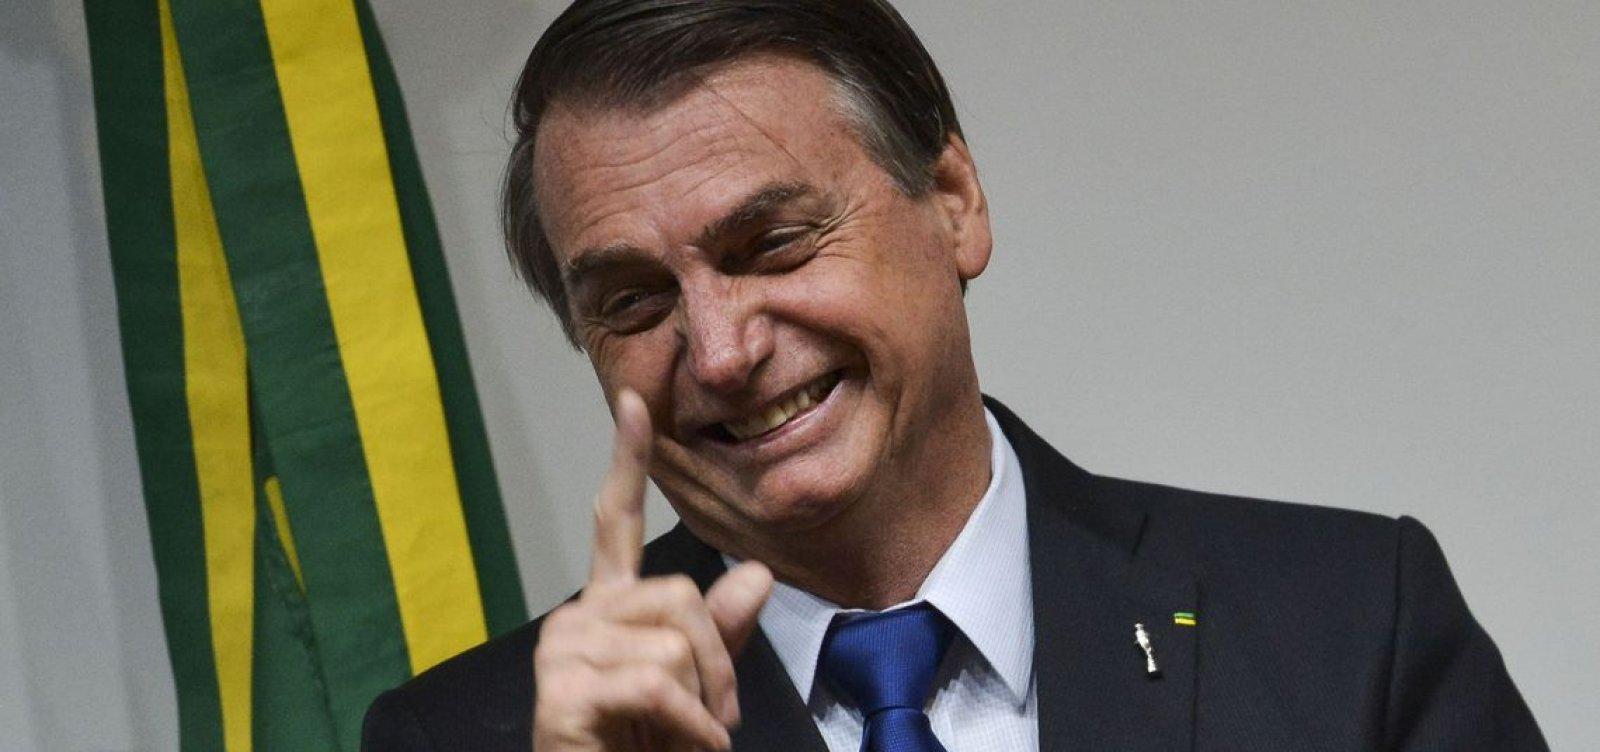 ['Coisas absurdas têm acontecido dado a autonomia das universidades', diz Bolsonaro]